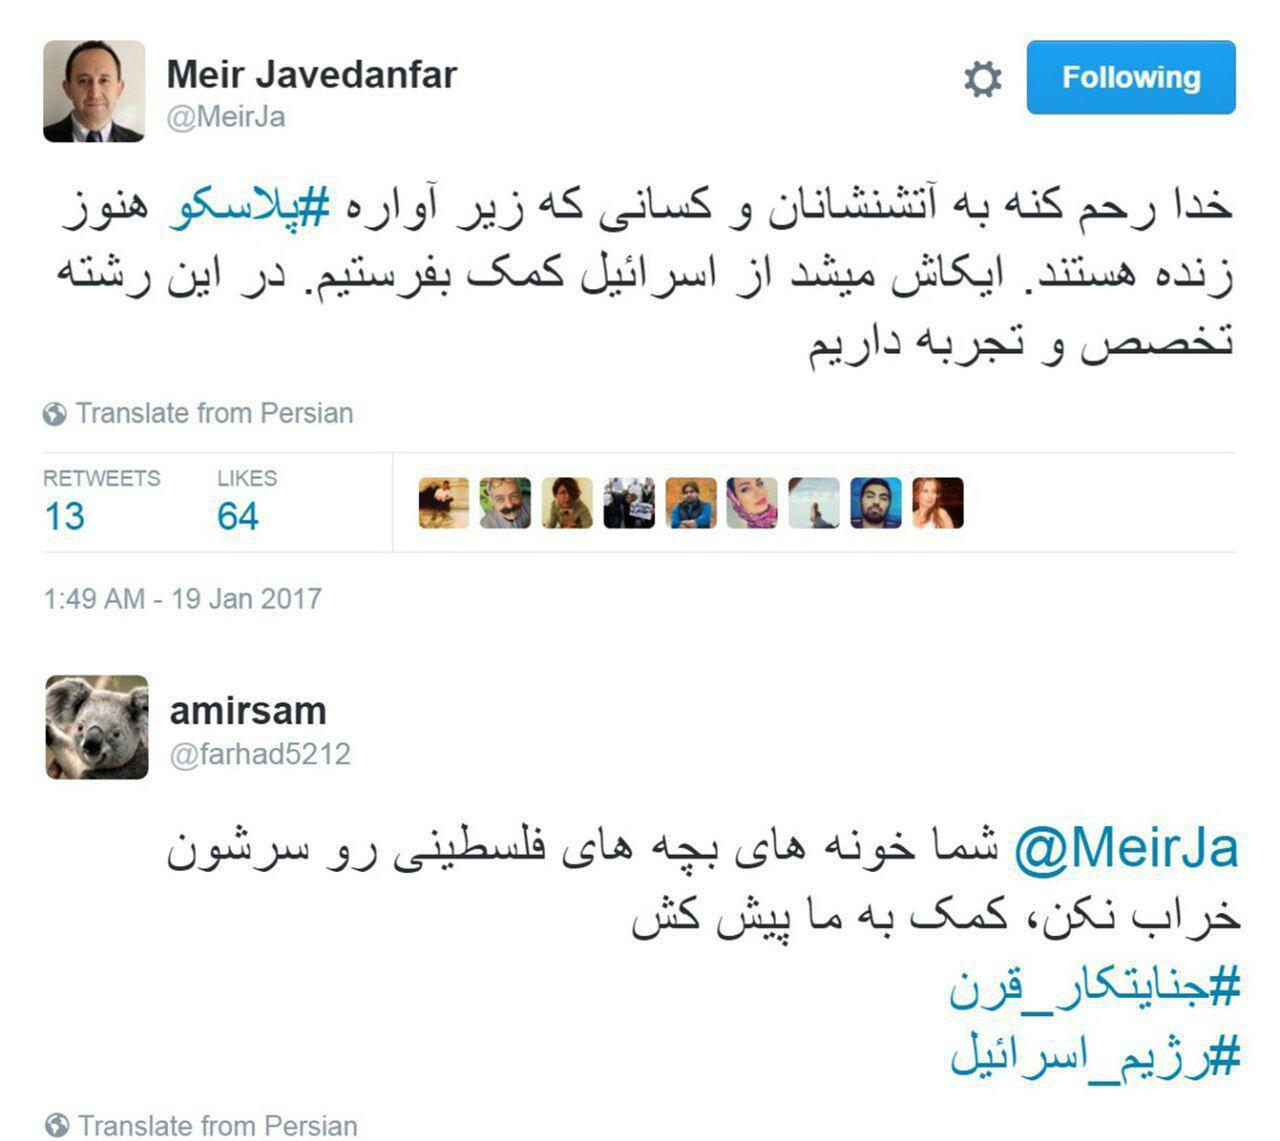 واکنش جالب یک هموطن به توییت یک صهیونیست